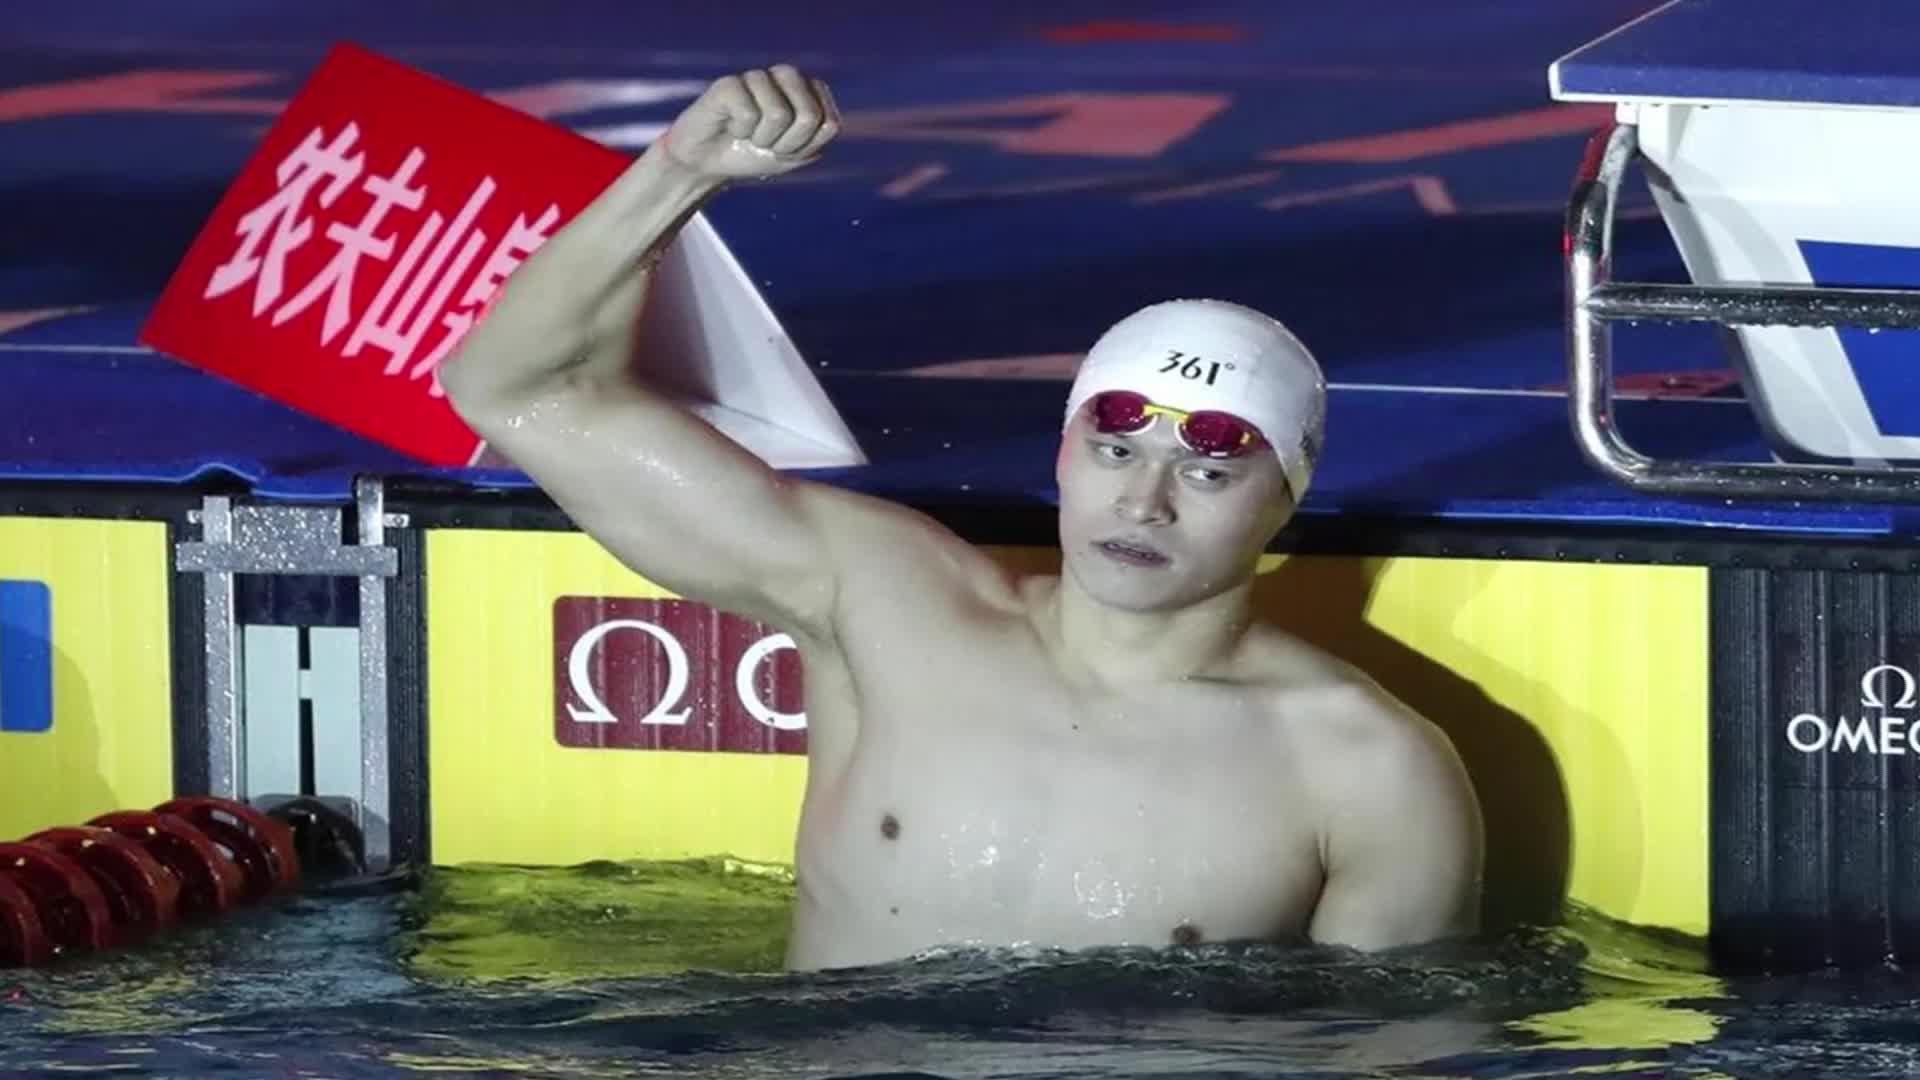 五天连夺三冠!400米自由泳孙杨再摘金 新年愿望上最高领奖台